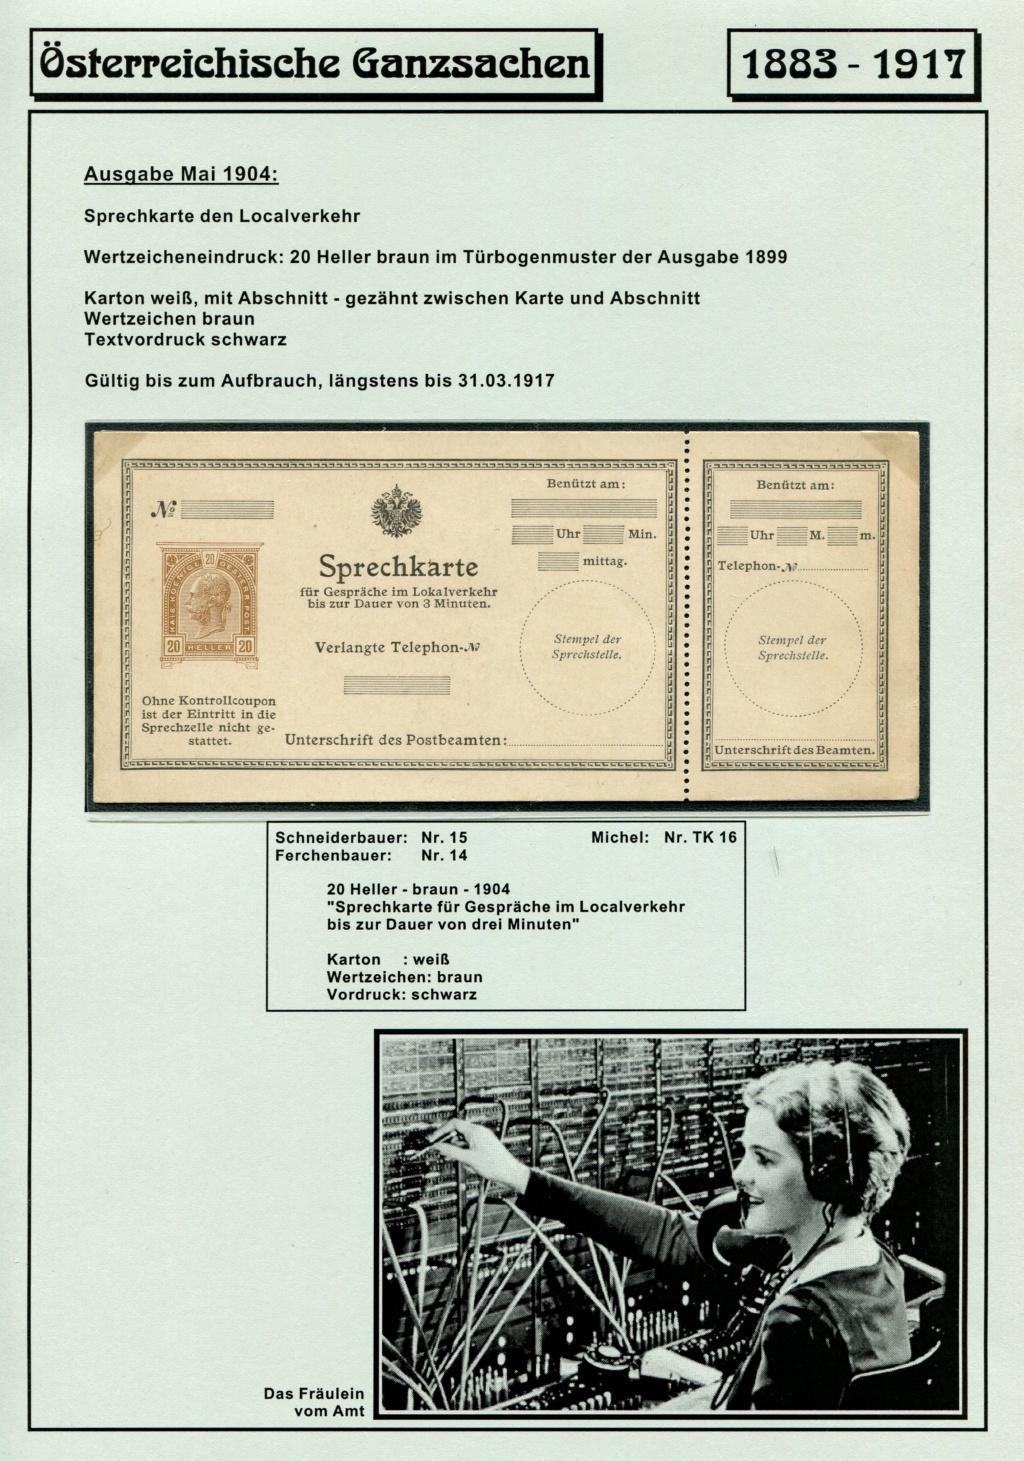 Österreichische Telephon-Sprechkarten - 1883 - 1917 Tel_ka31